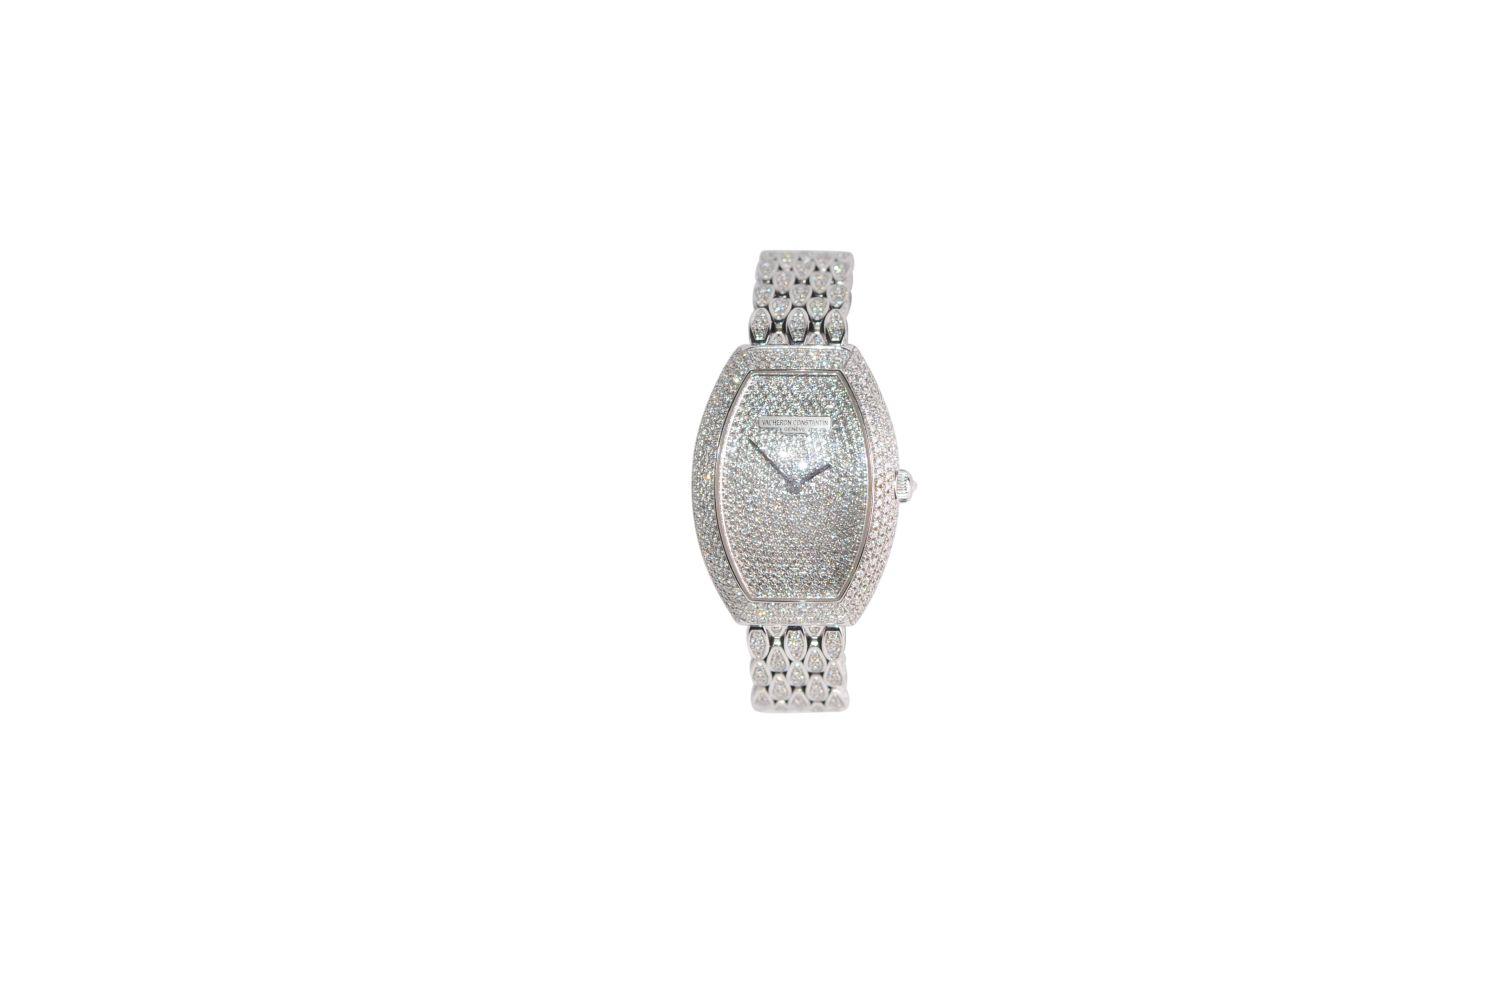 #30 Vacheron Constantin Ladies Timepieces - Egérie full Daimond Image